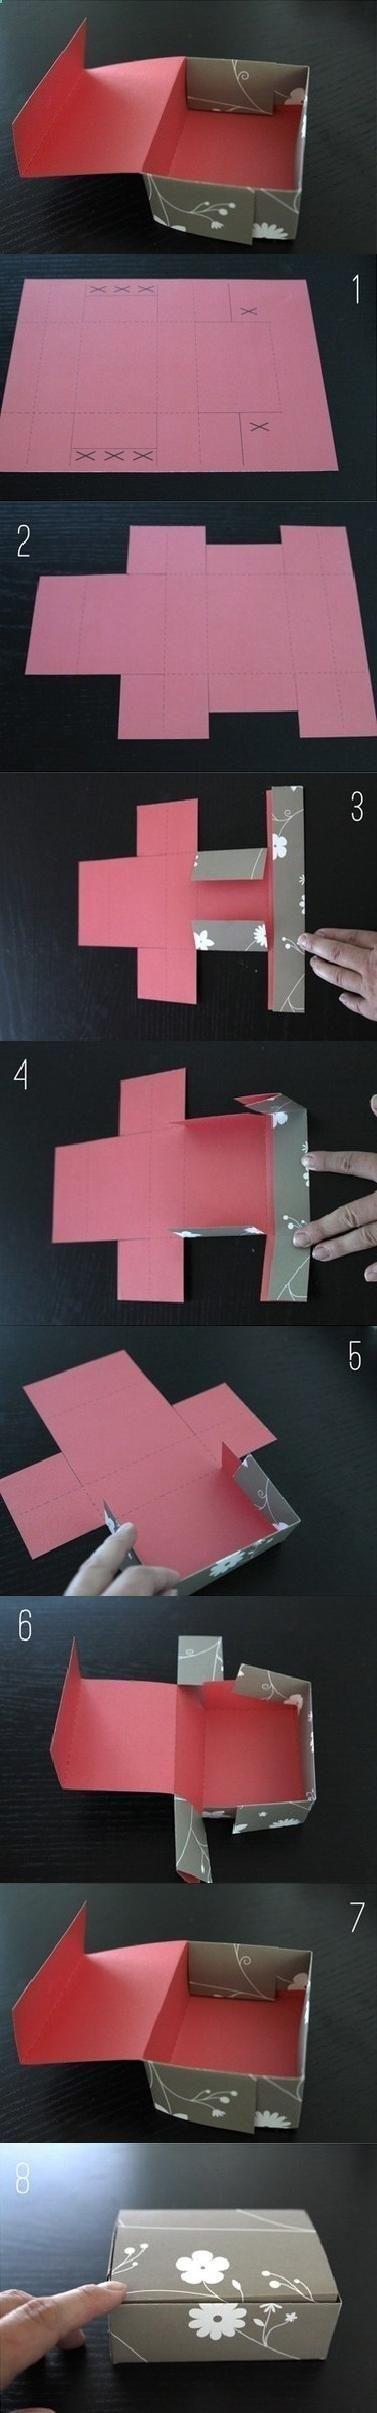 DIY Simple Gift Box DIY Simple Gift Box